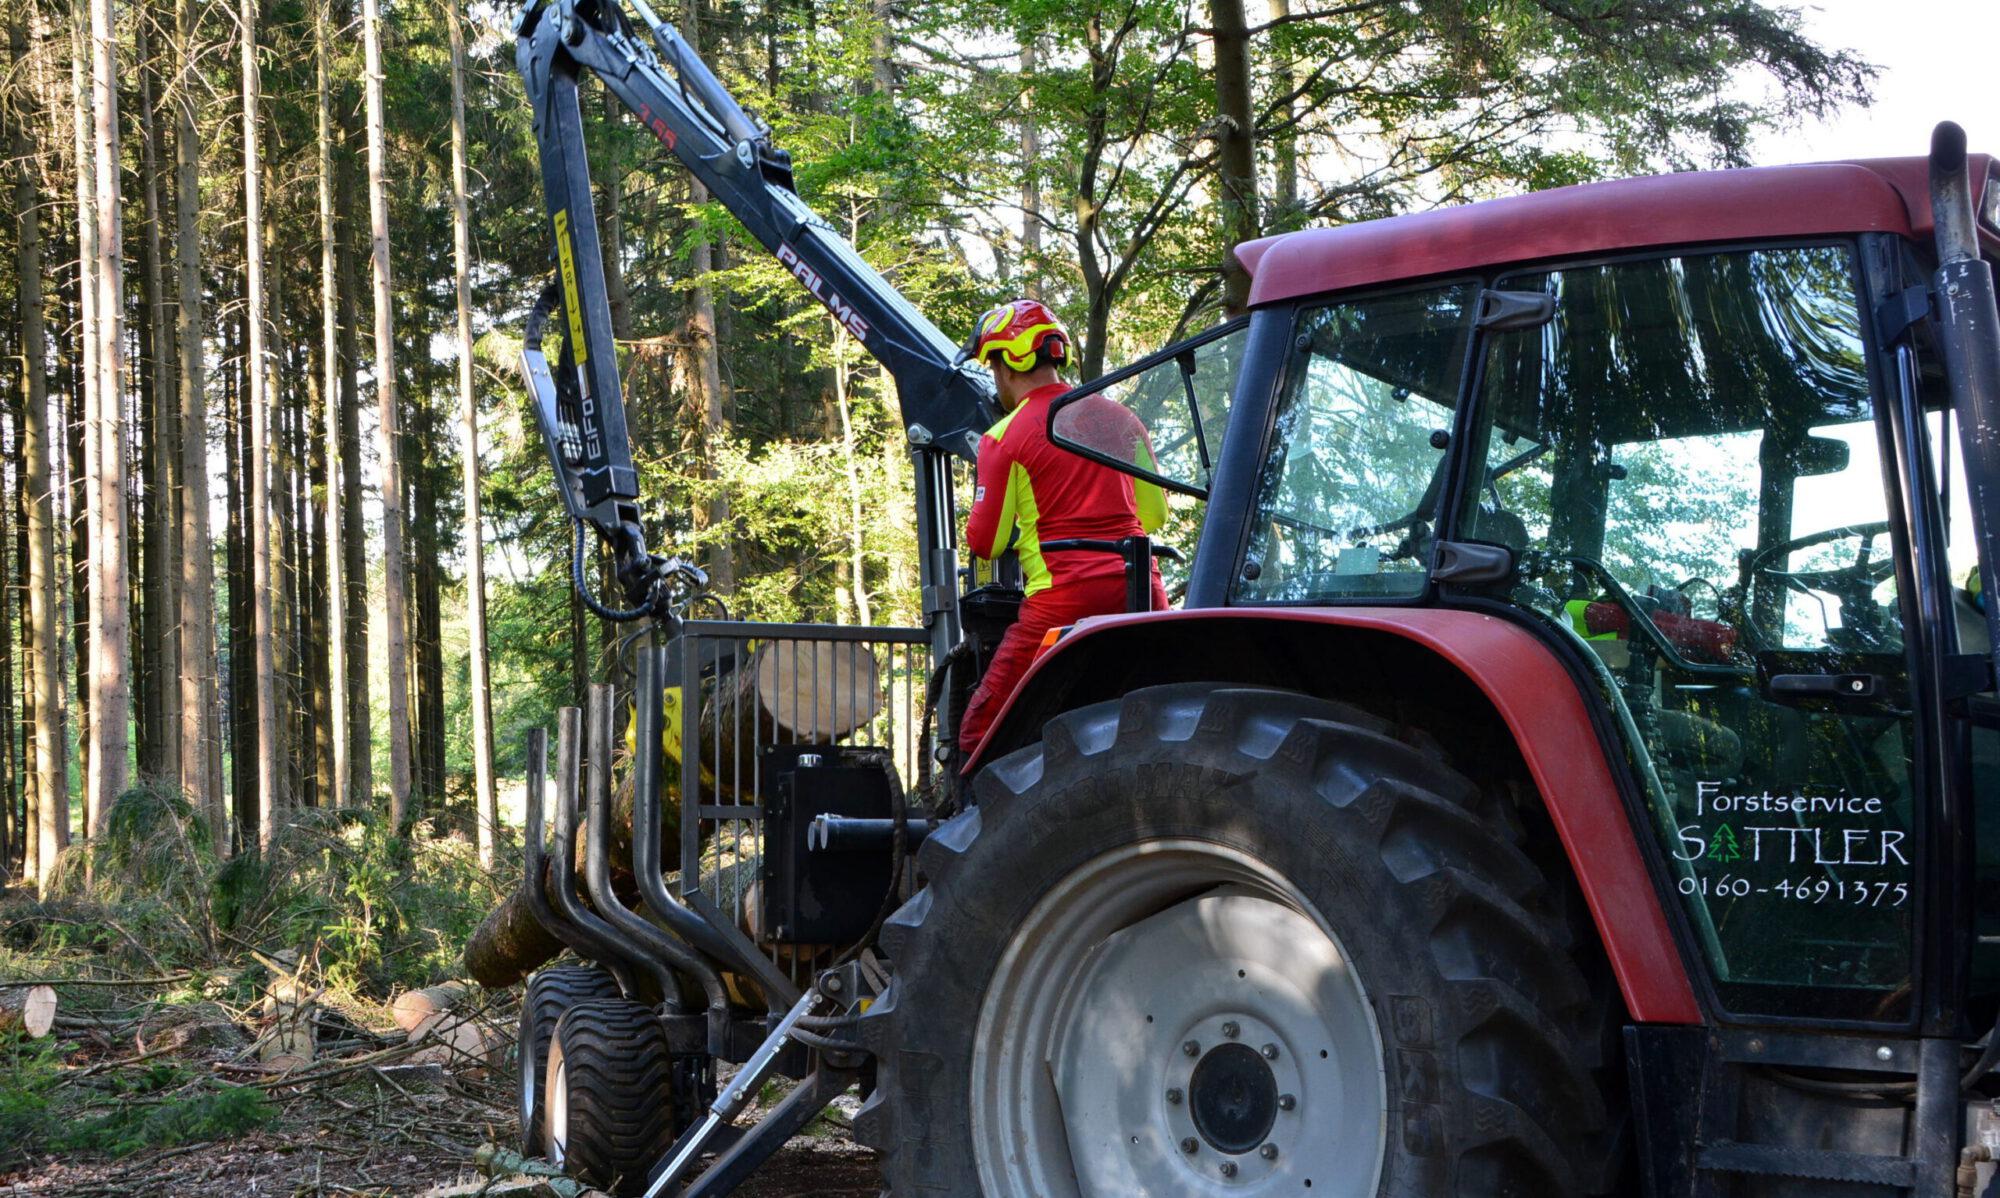 Forstservice Sattler